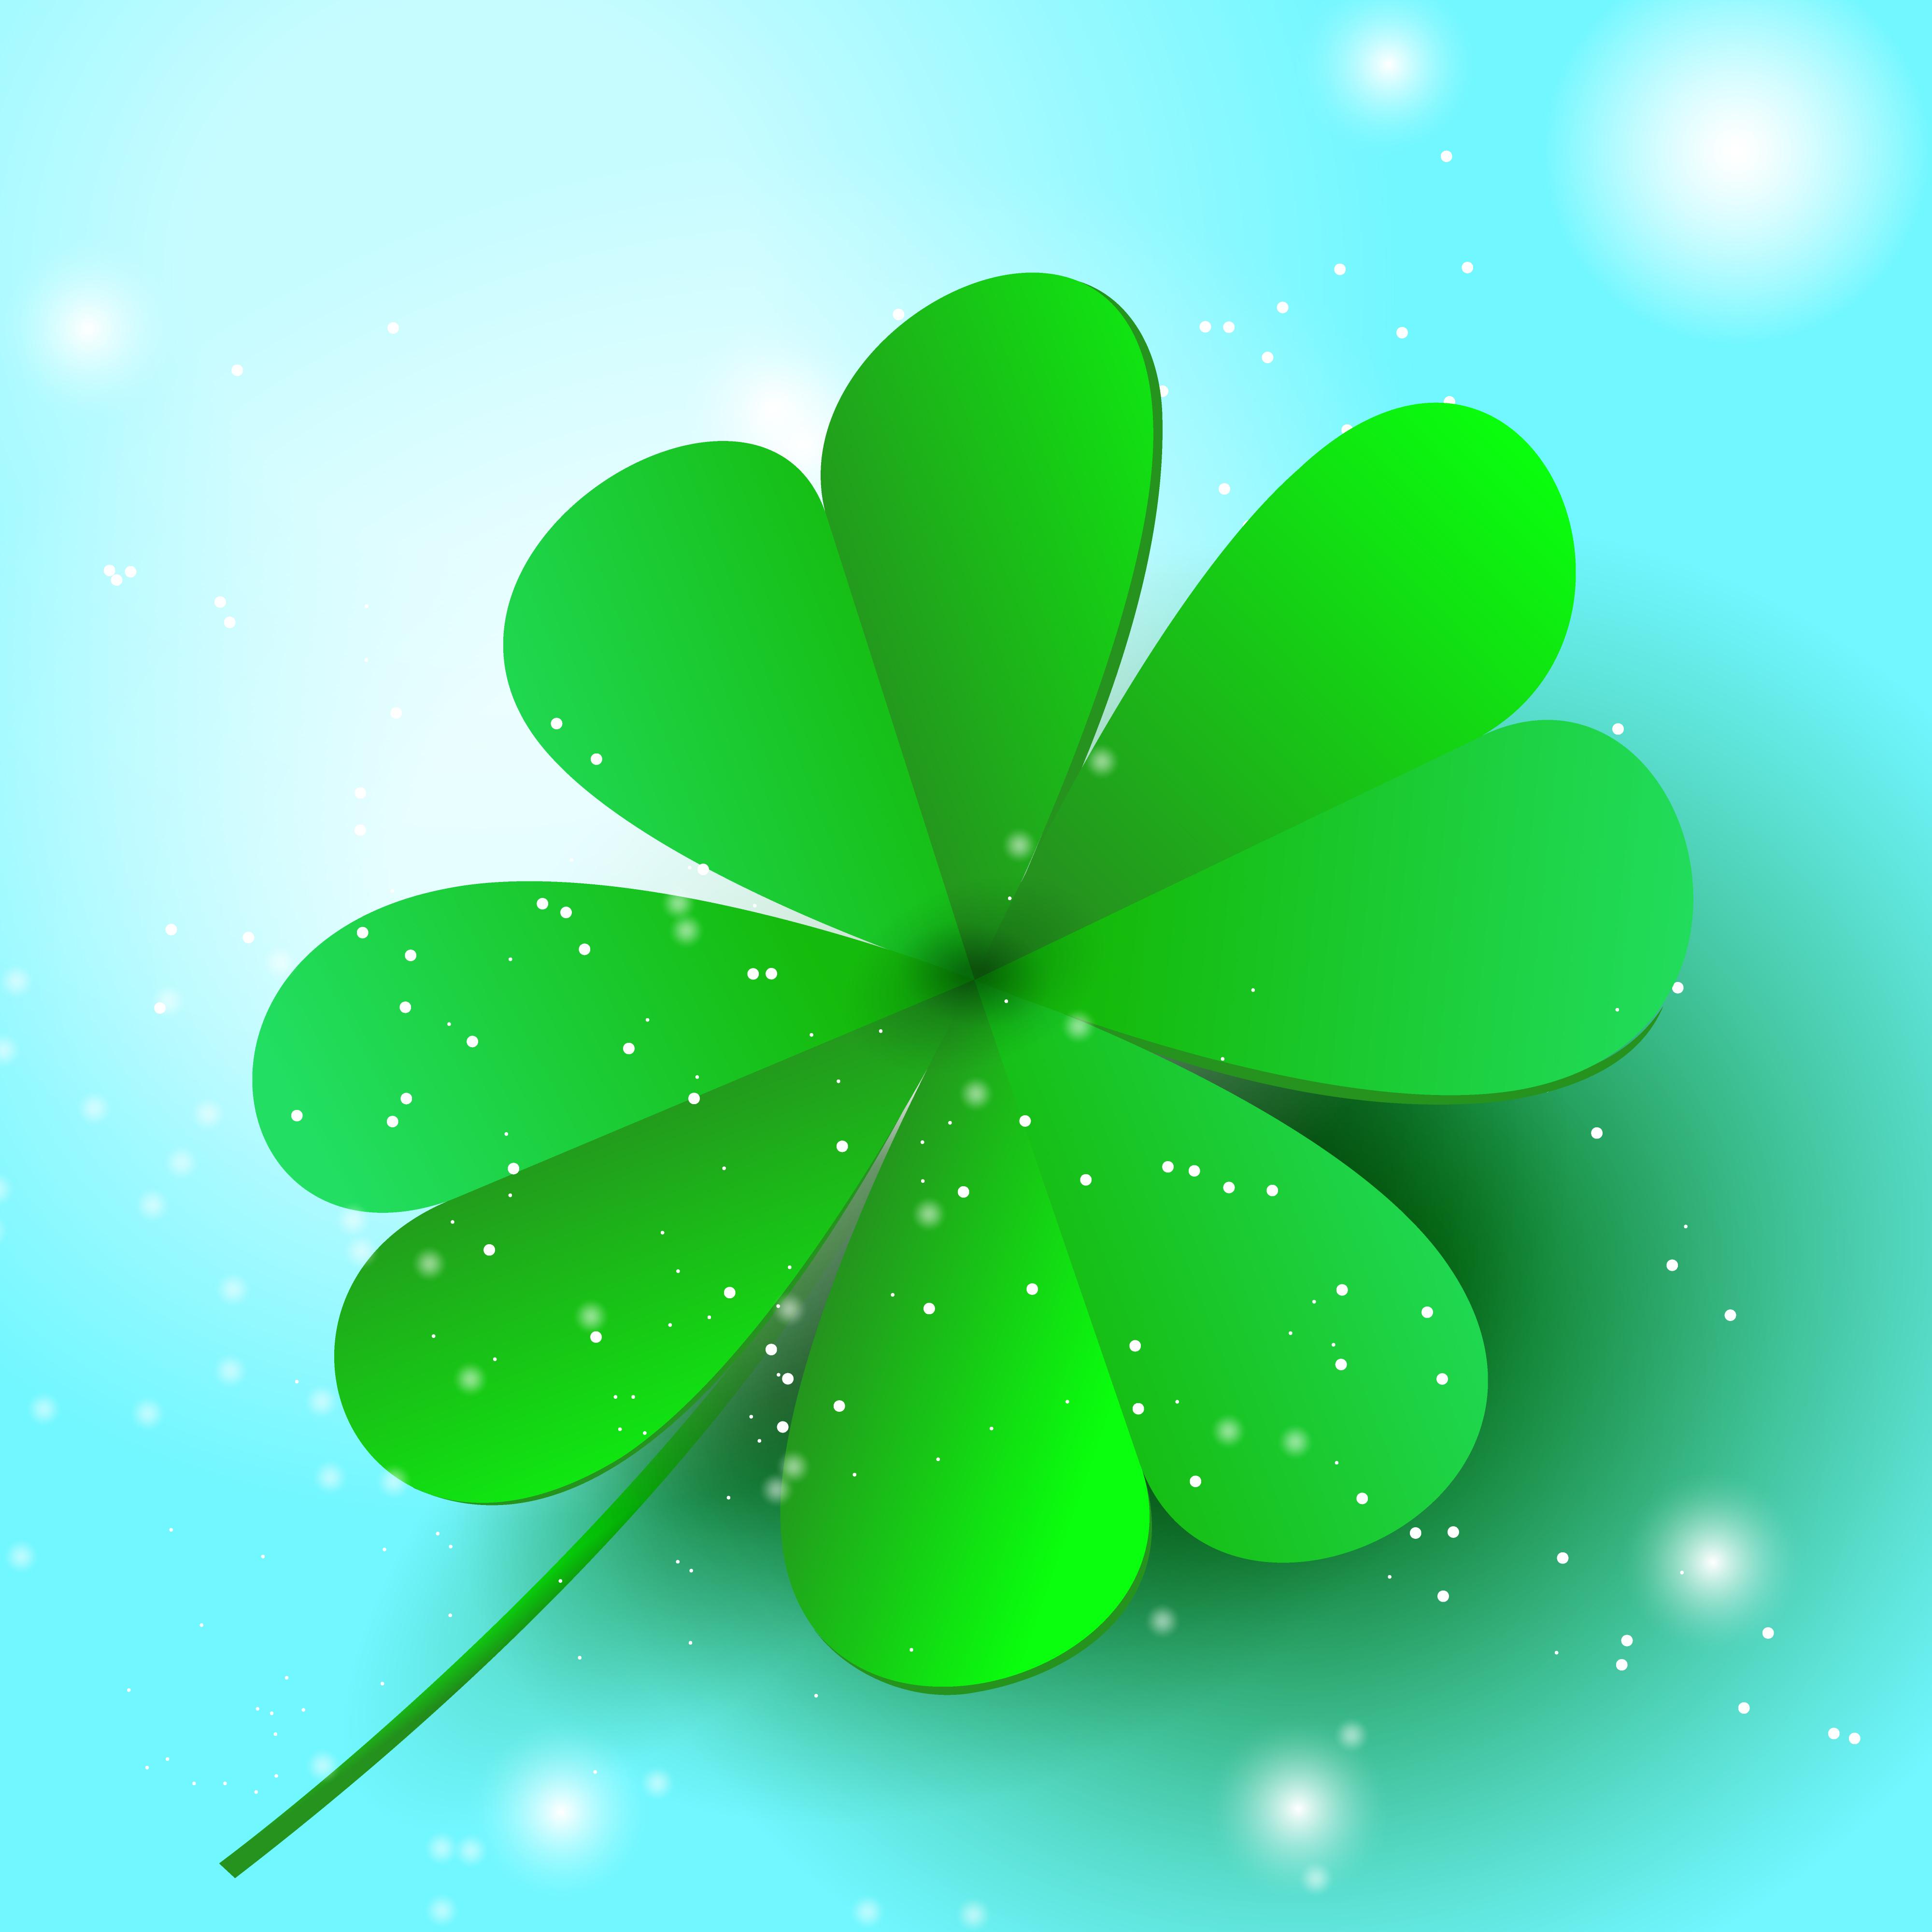 green-clover